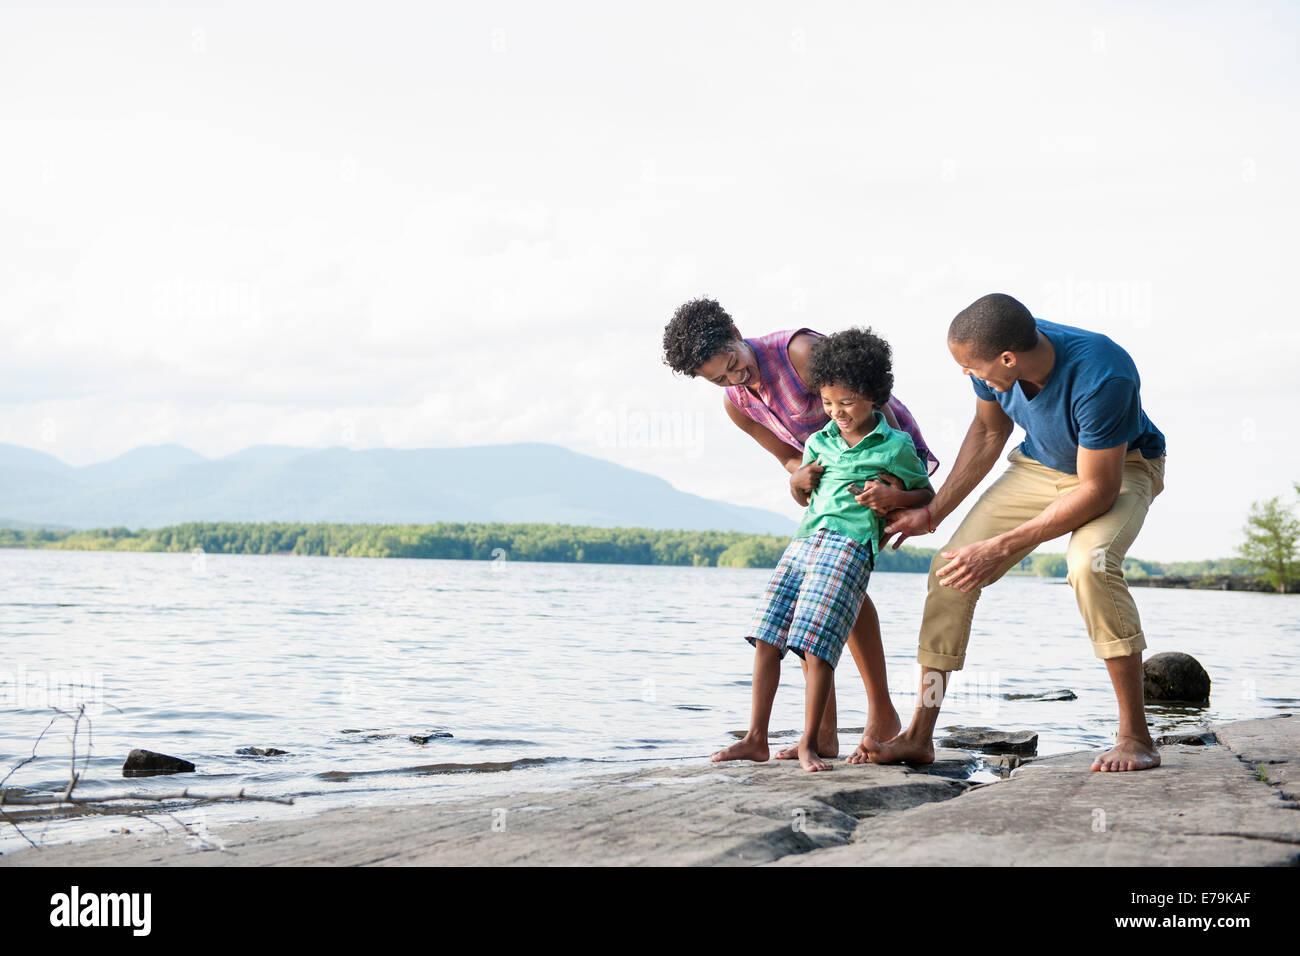 Une famille, mère, père et fils jouent sur les rives d'un lac. Banque D'Images